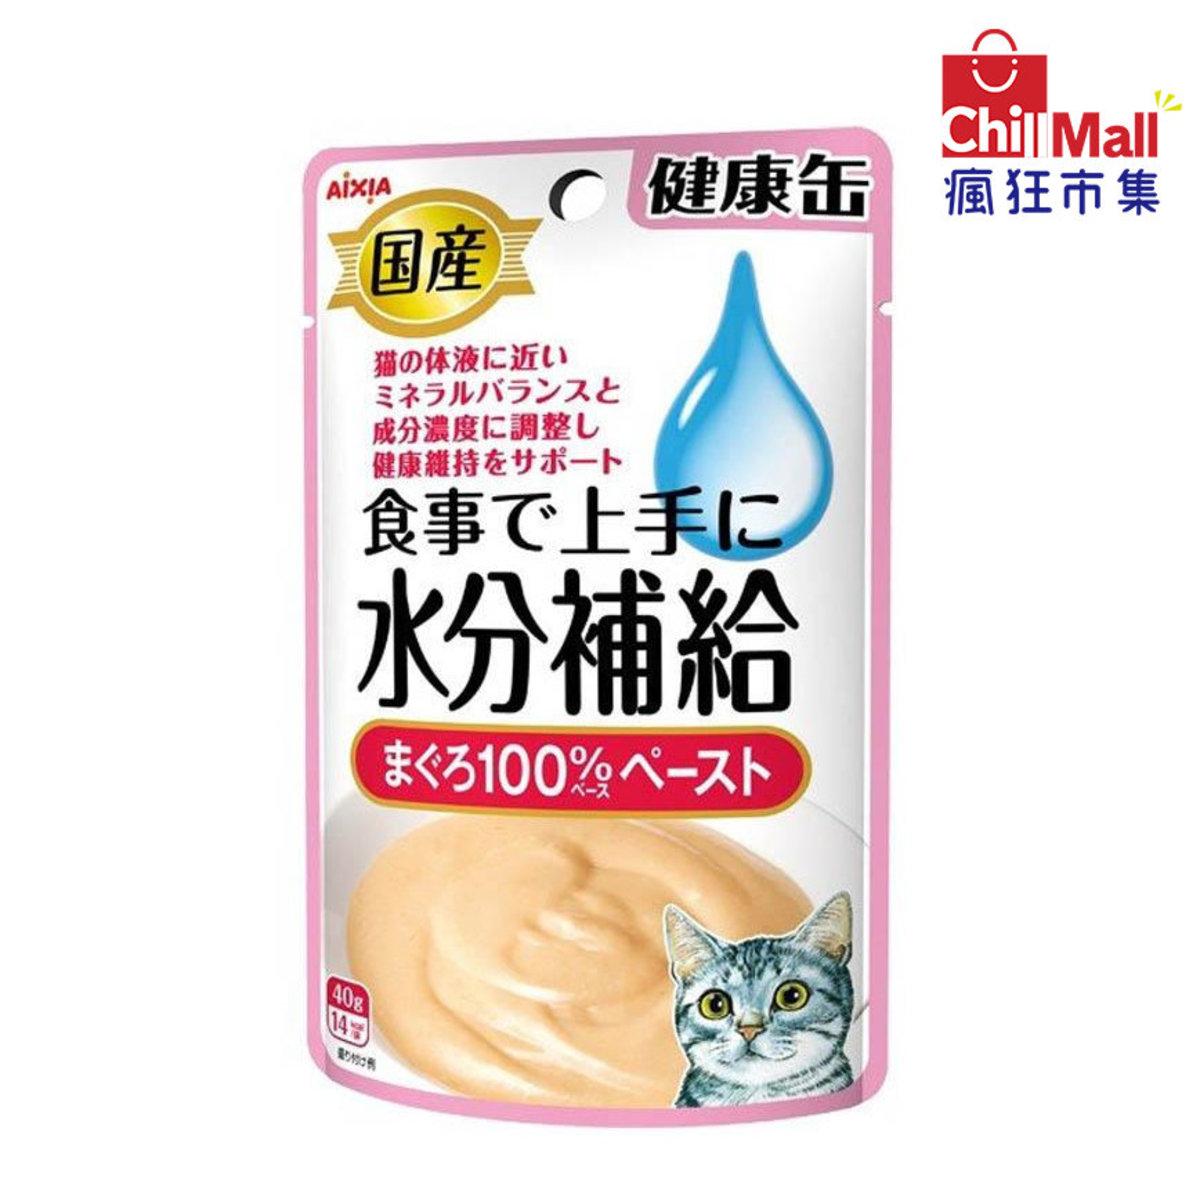 日本AIXIA愛嘉雅 健康缶水分補給濕糧包 金槍魚味 40g (粉紅) 4715368